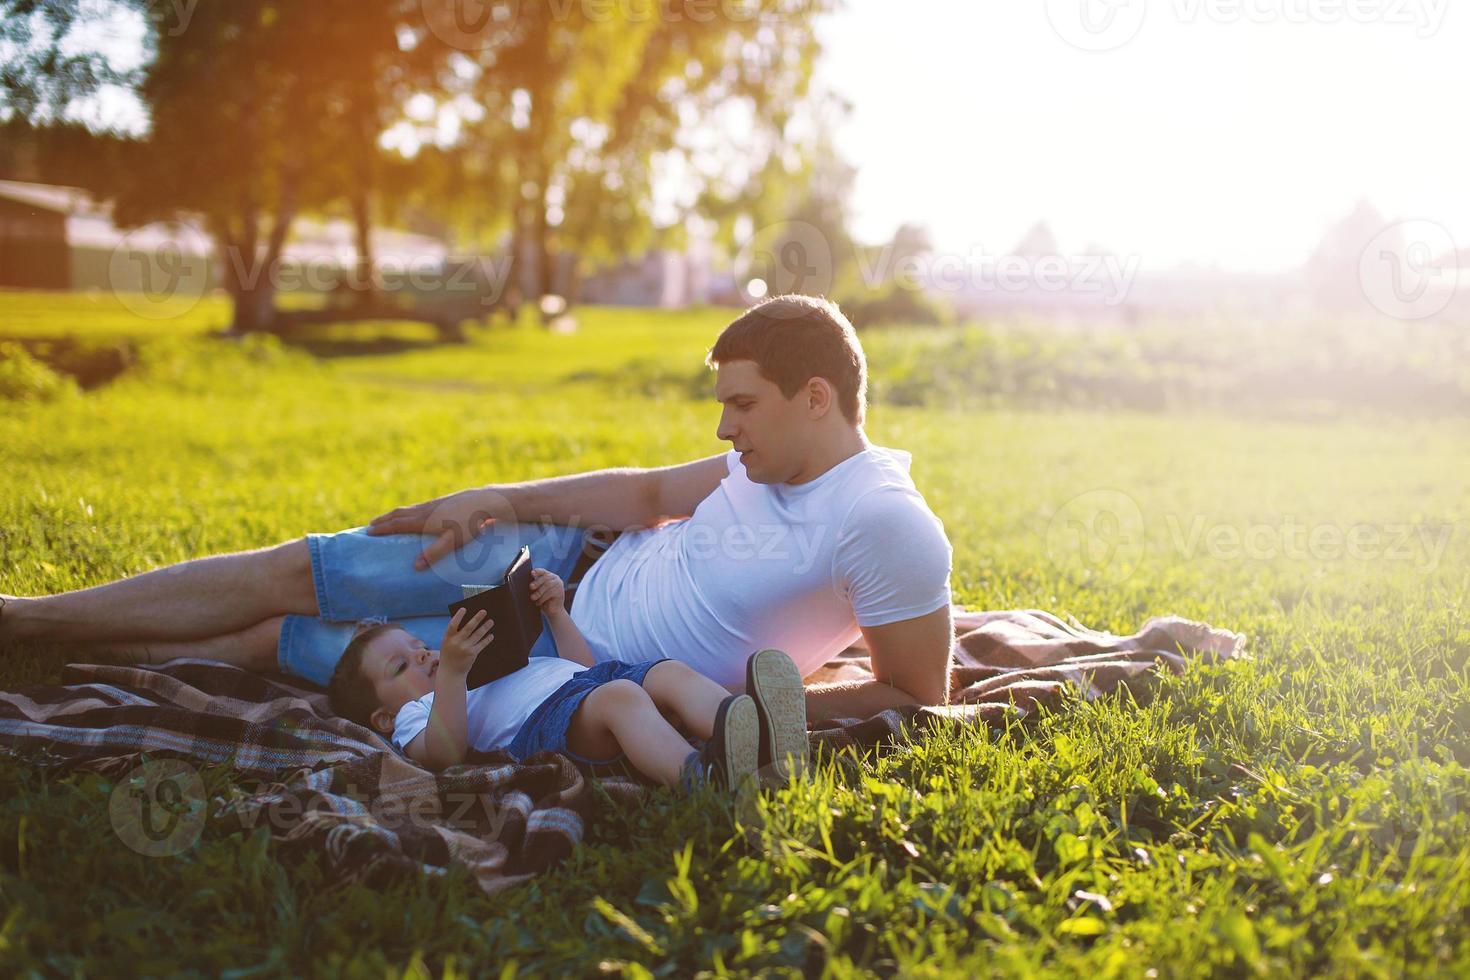 padre e hijo descansando en el parque en el césped foto